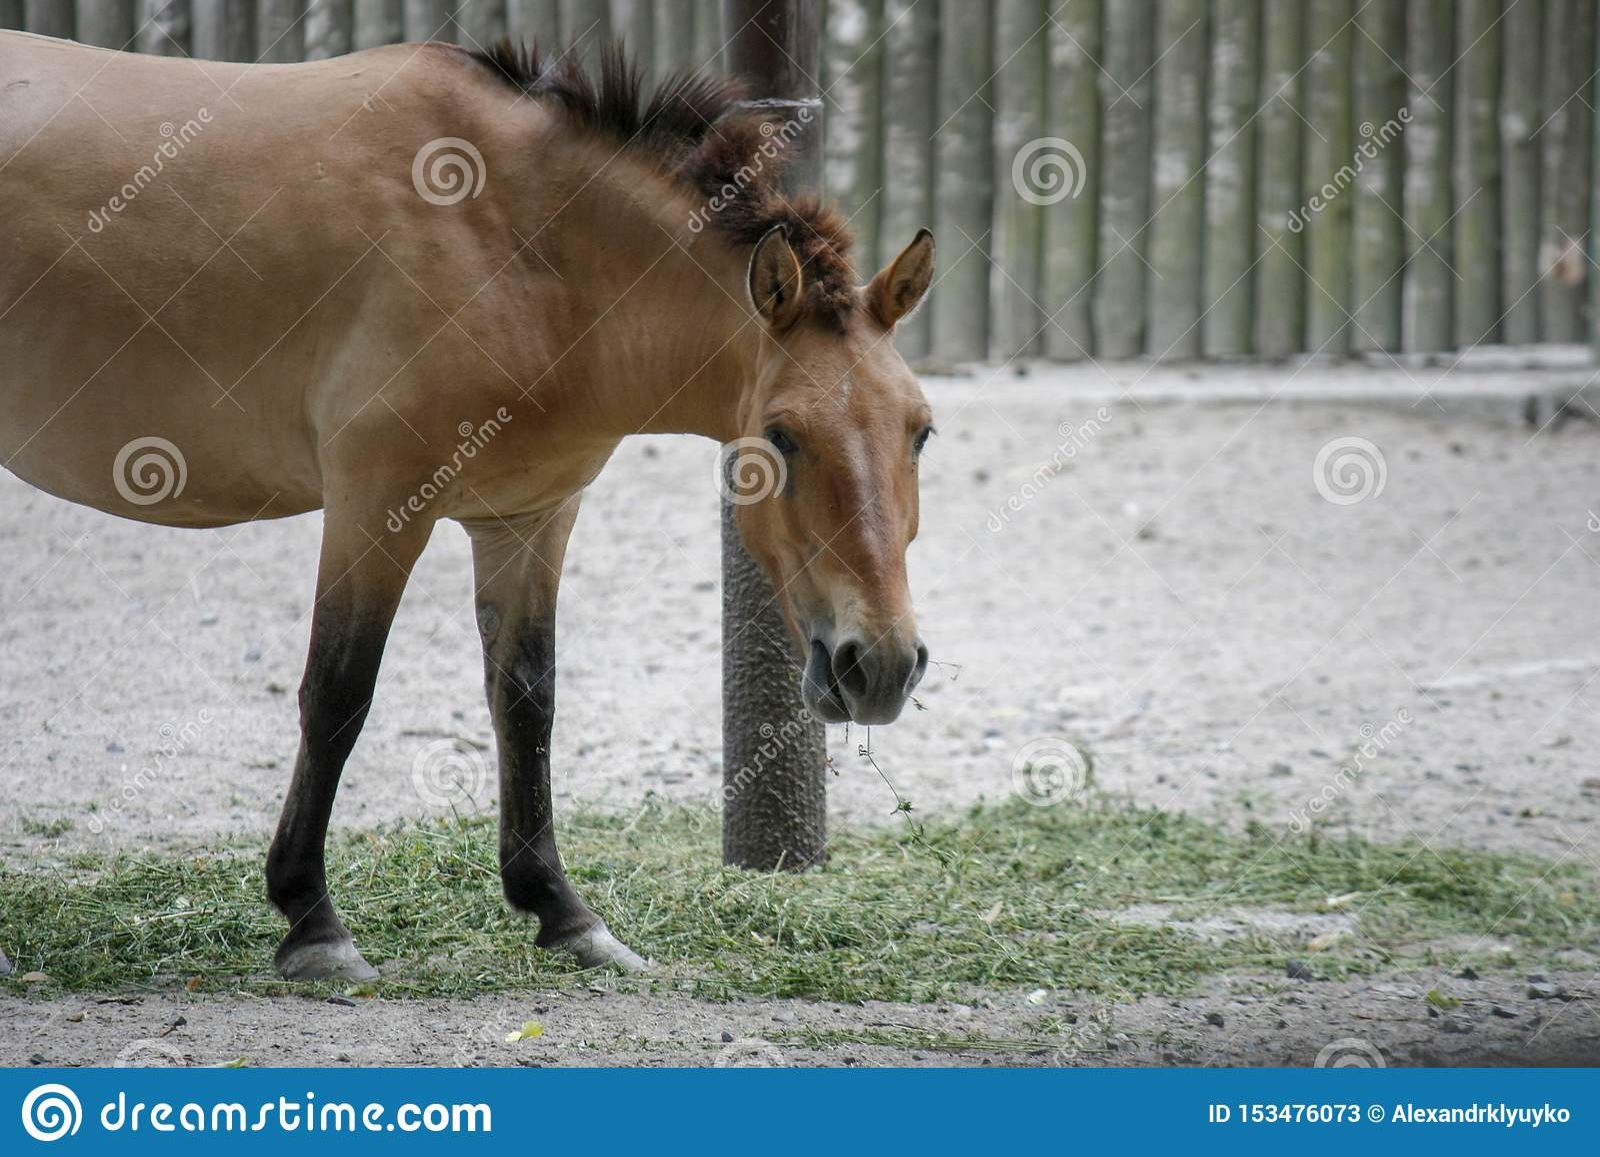 Przhevalsky&-x27; s koń, także dzwoniący Mongolski dziki koń lub Dzungarian koń, żuć siano i spojrzenia w kamerę